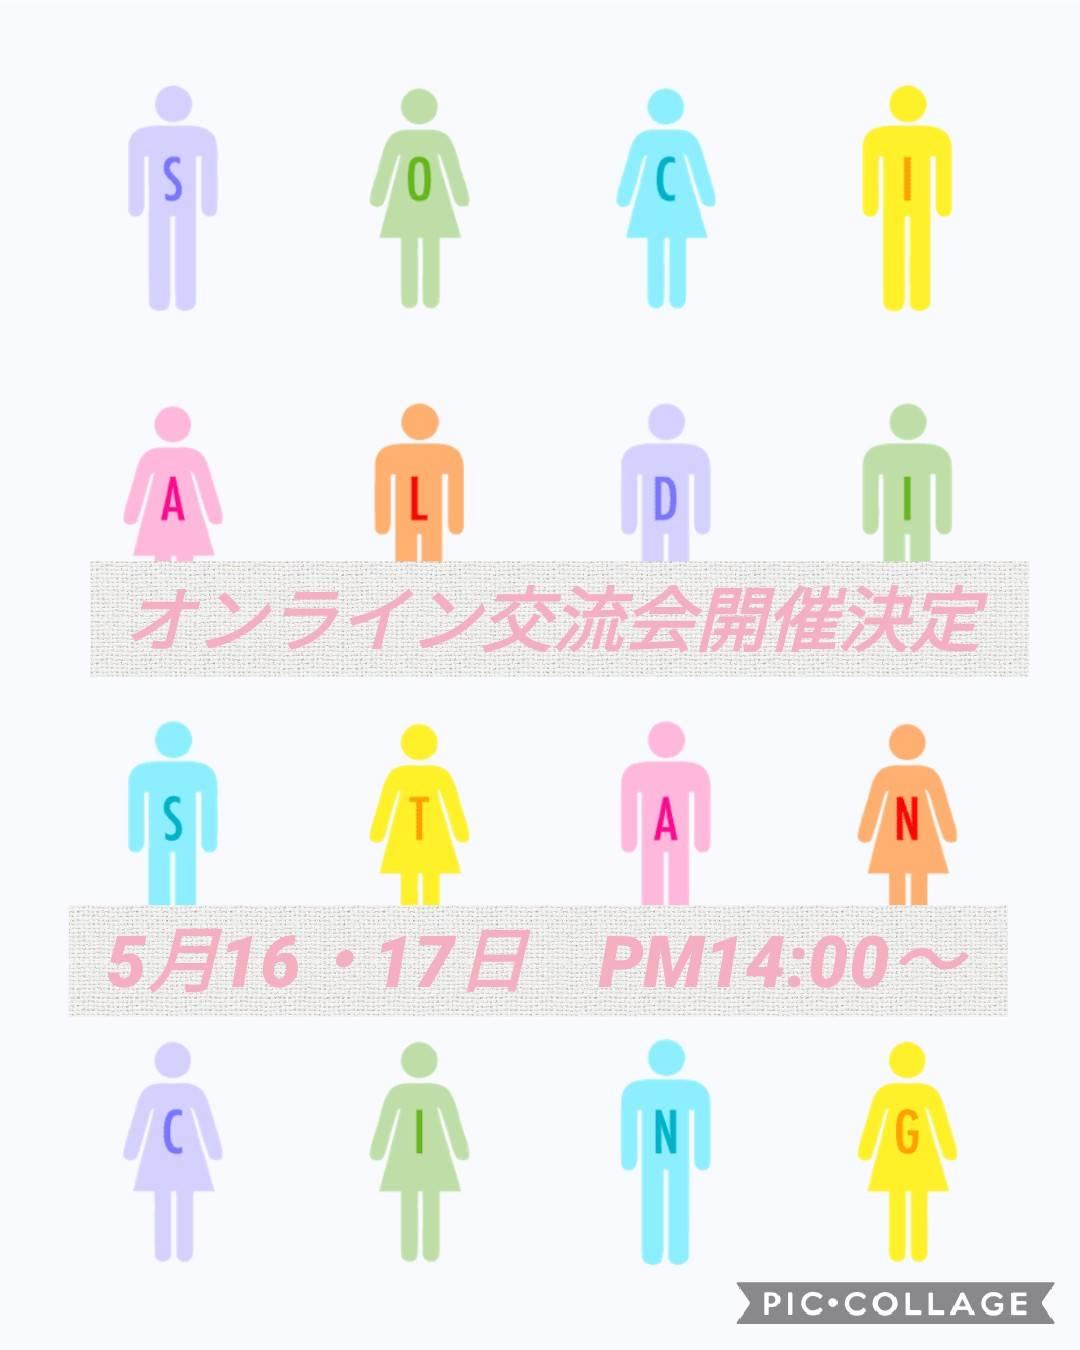 オンラインイベント開催♪5月16(土)・17(日)オンライン交流会